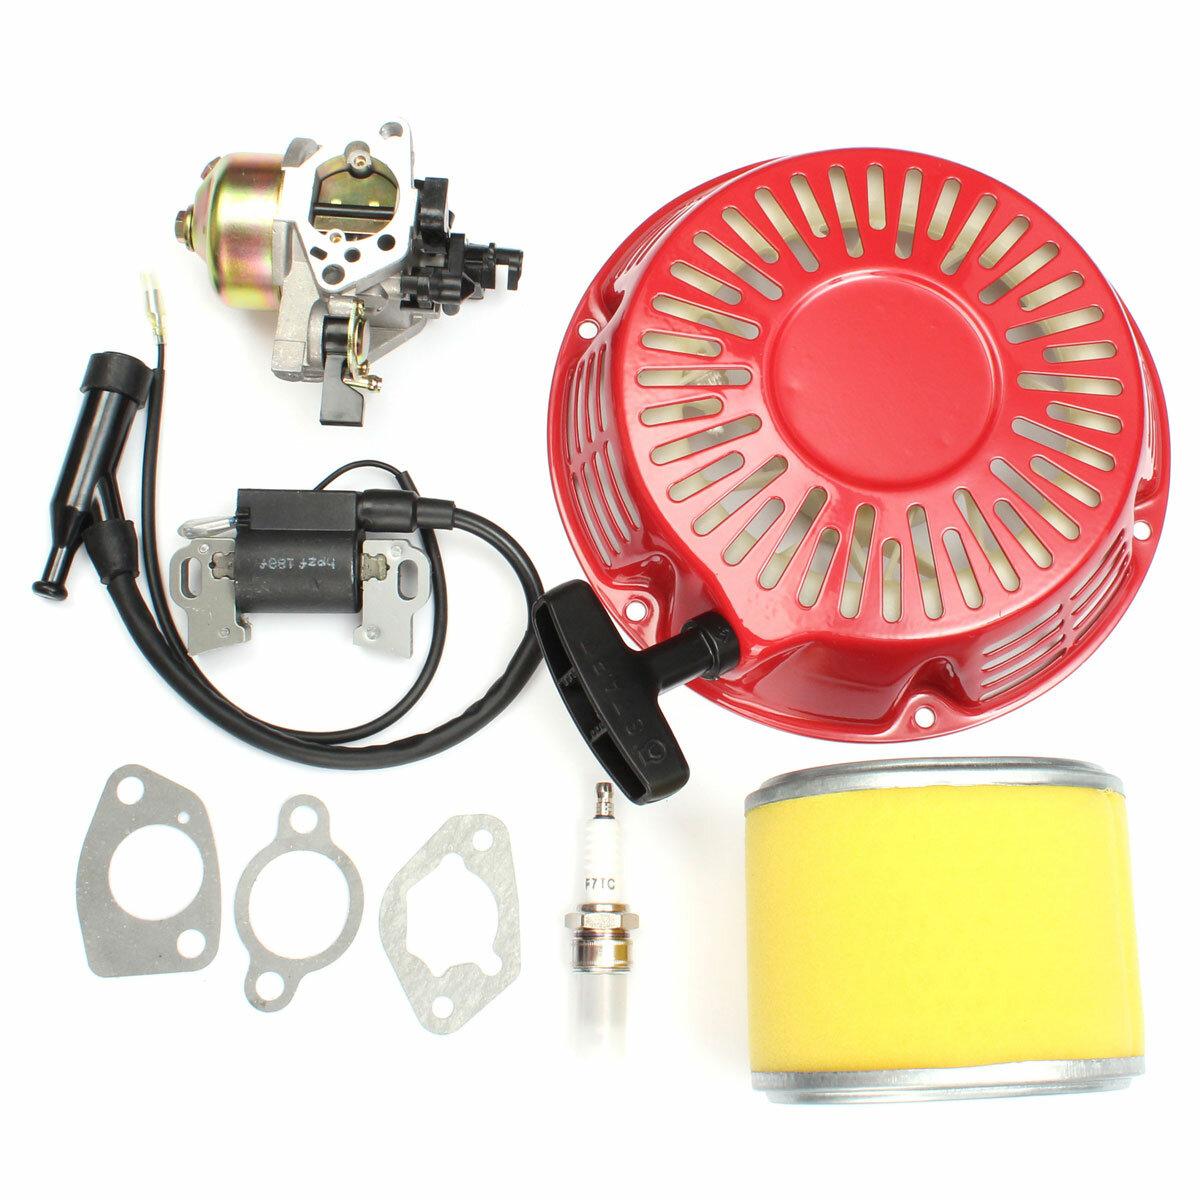 <US Instock>Honda GX340 GX390 13HP के लिए Recoil Carburetor इग्निशन कॉइल Spark प्लग एयर फिल्टर